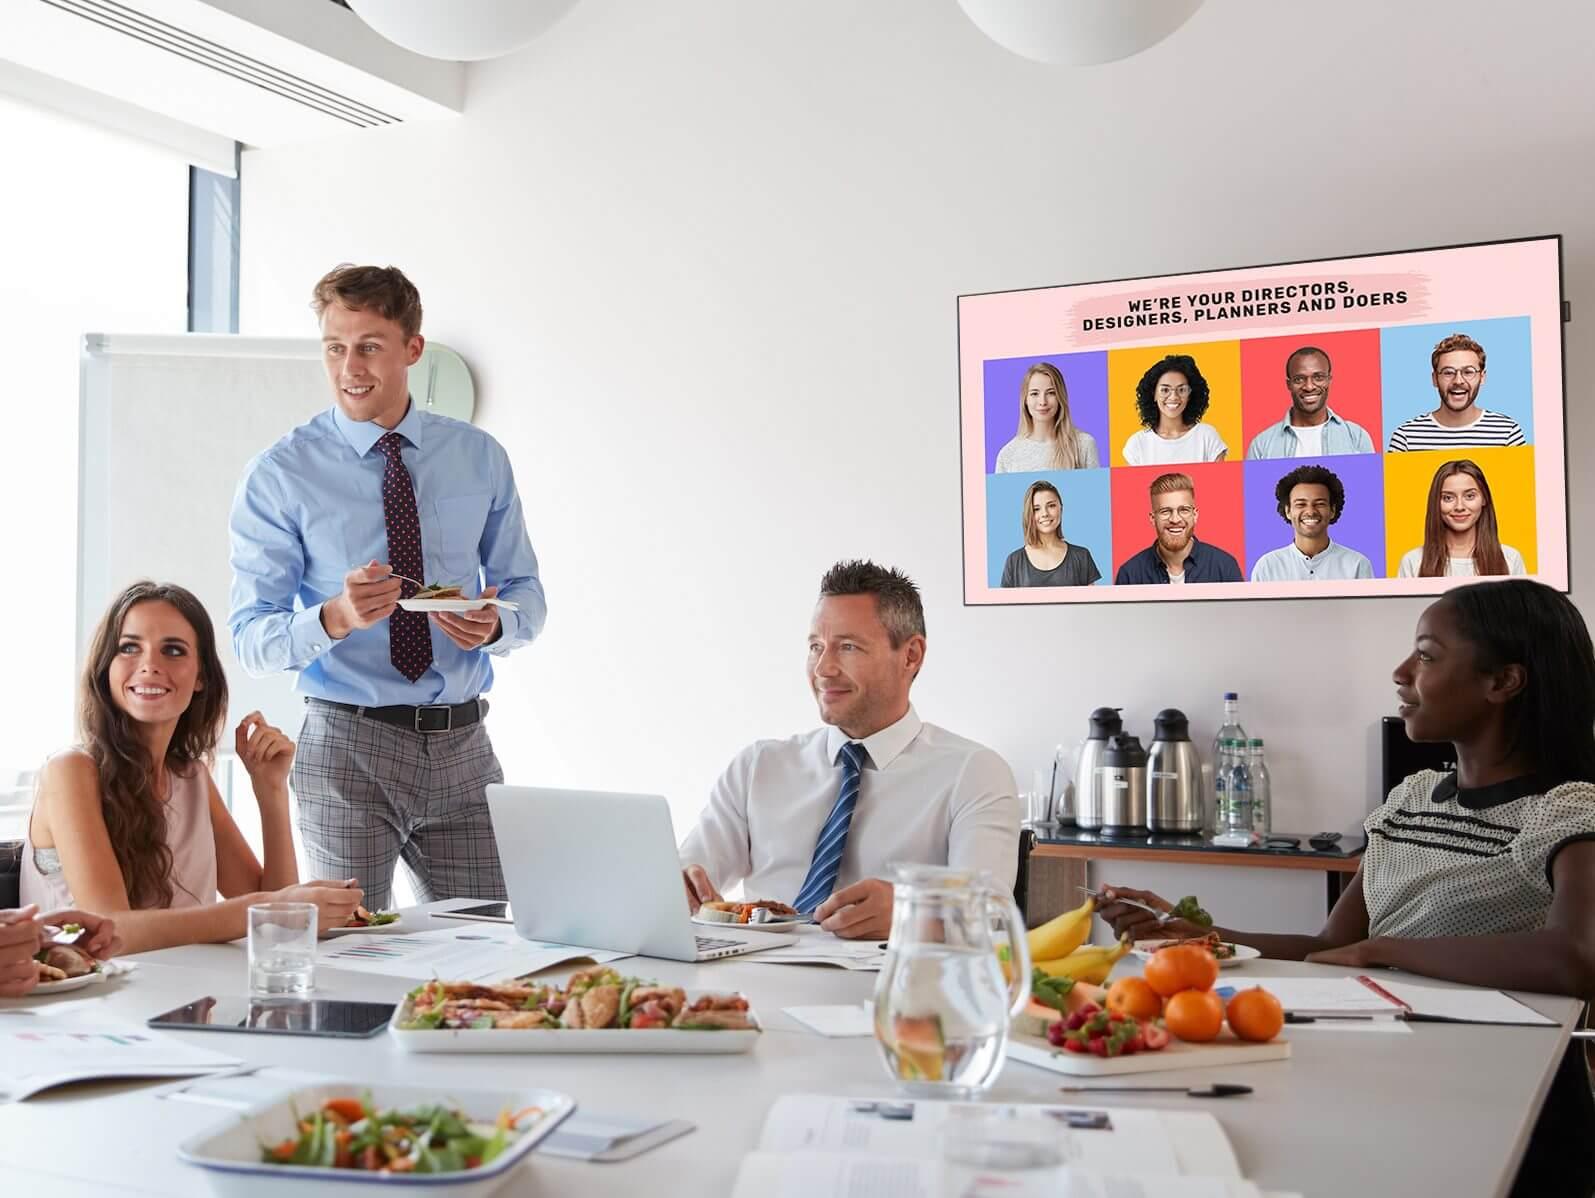 digital display corporate office